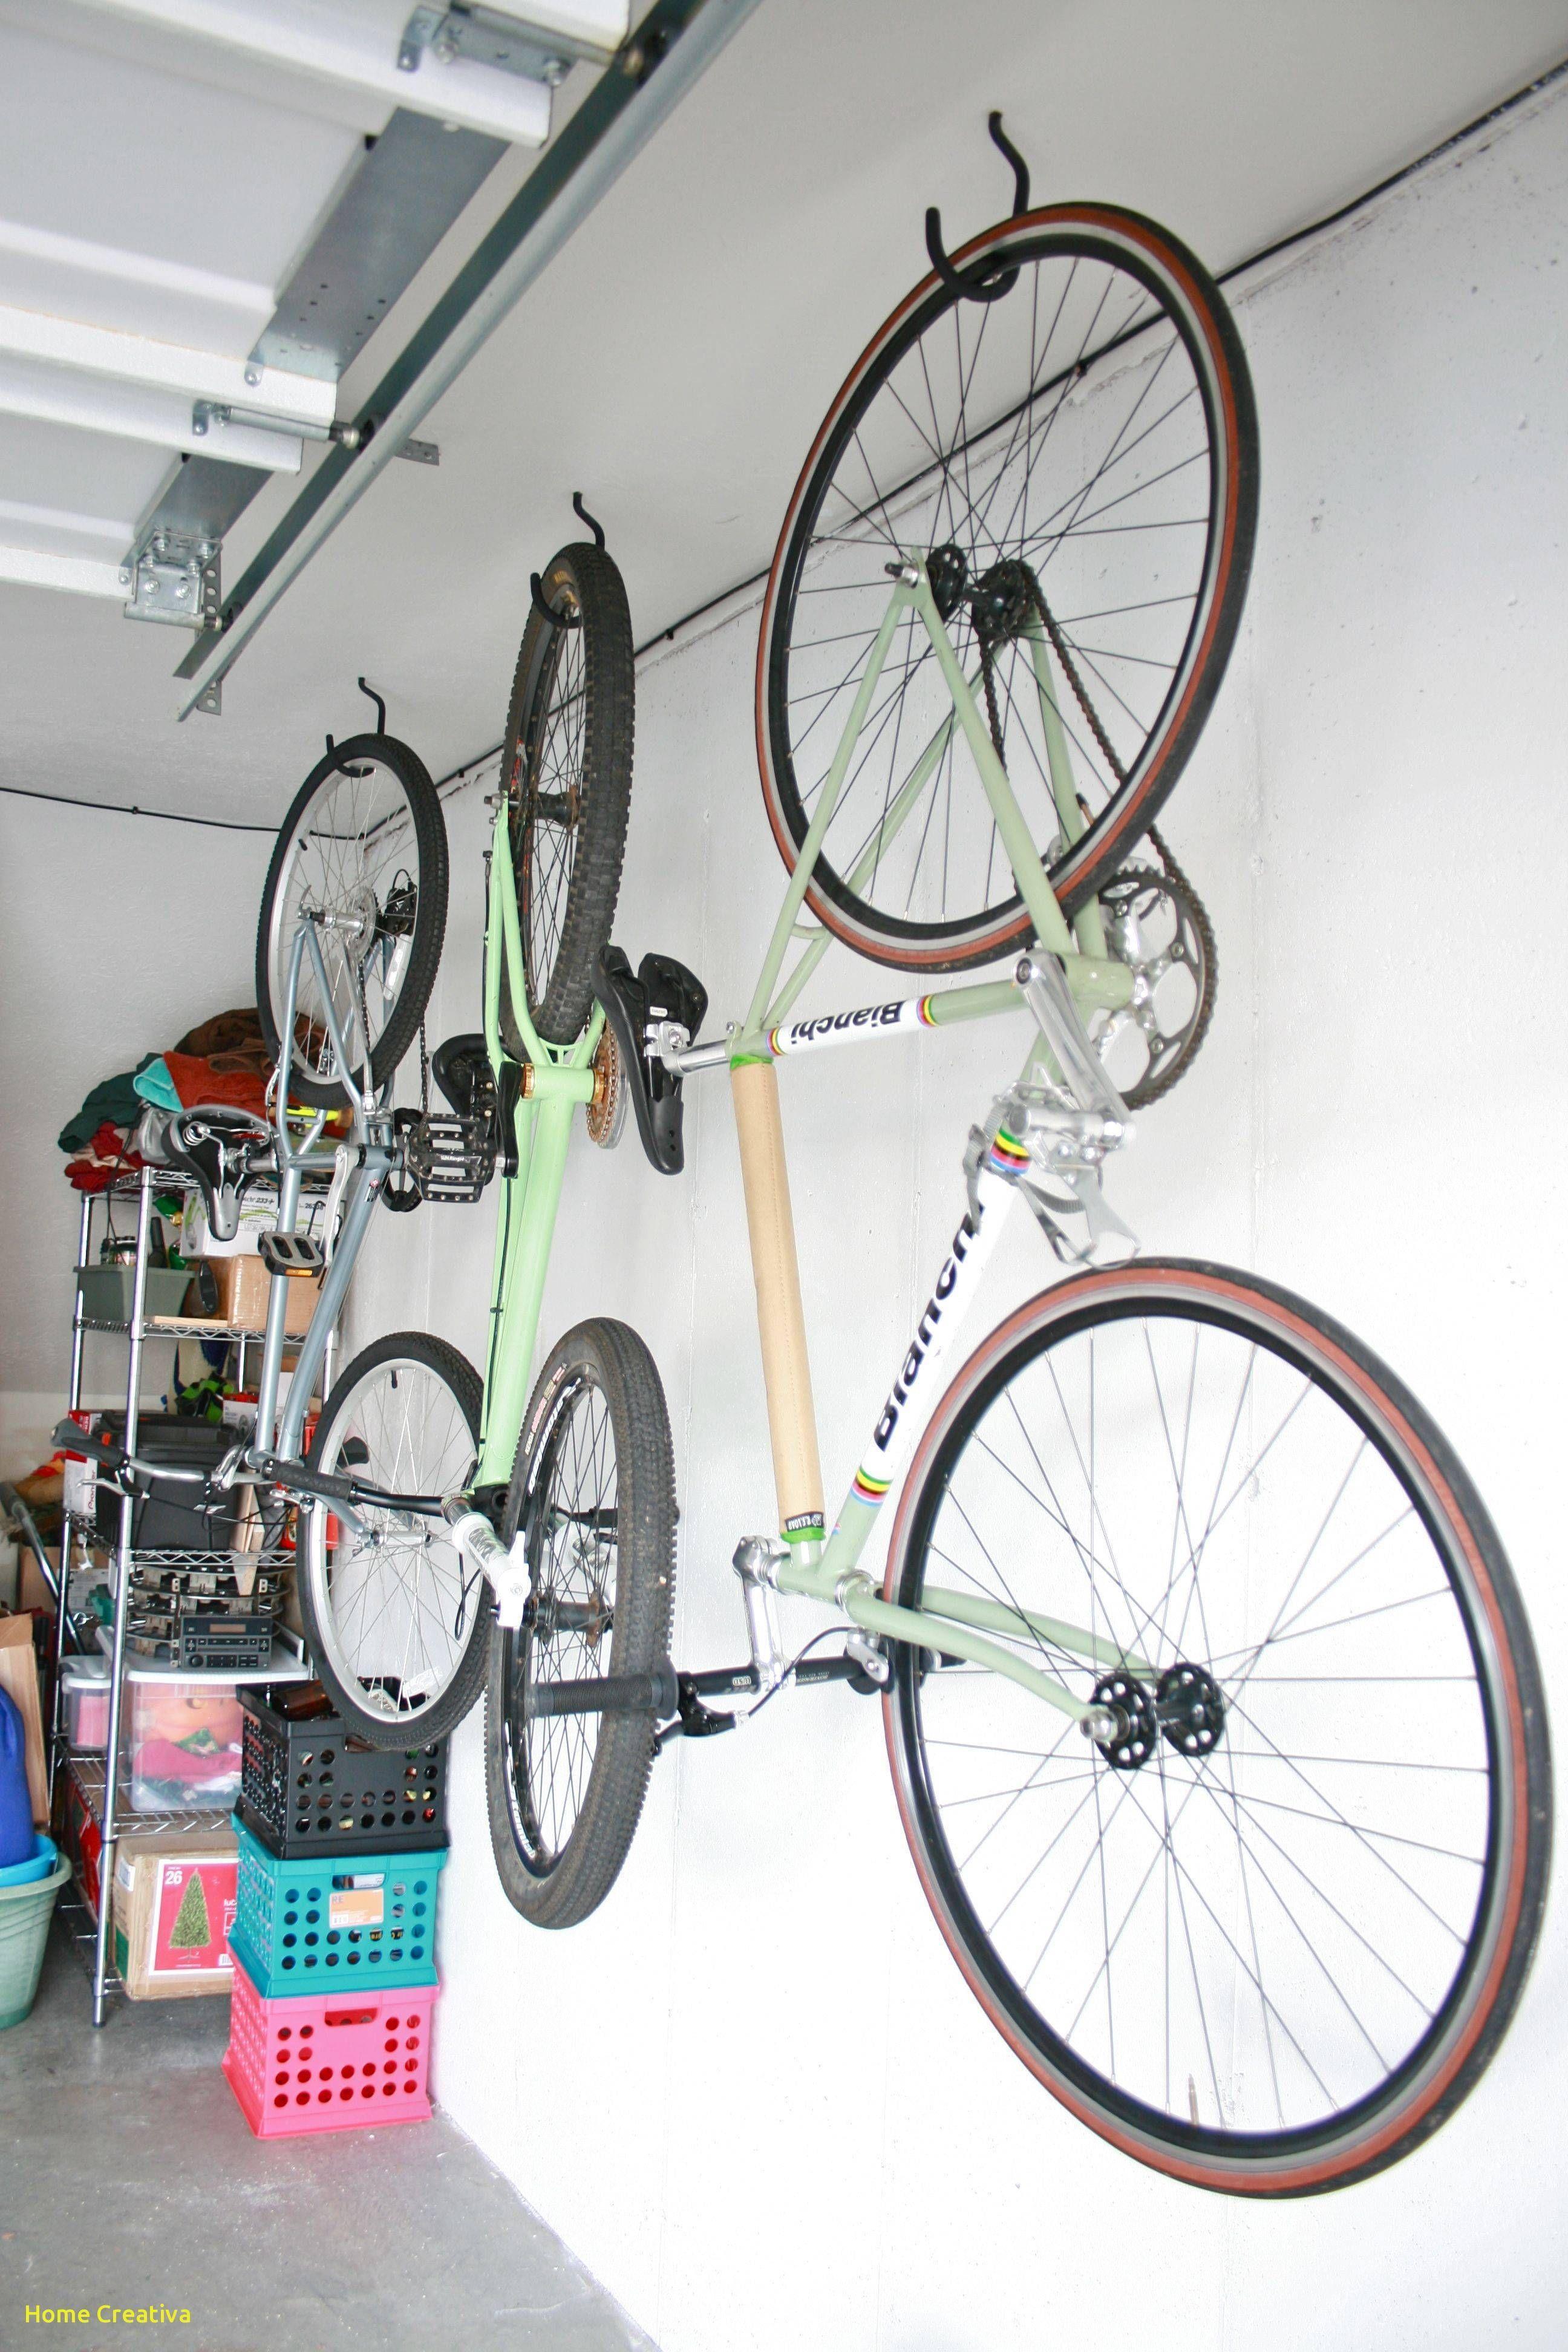 Exceptional Bicycle Wall Mount Bracket Https Homecreativa Com Bicycle Wall Mount Bracket Homedec Bike Storage Garage Hanging Bike Rack Bike Rack Garage